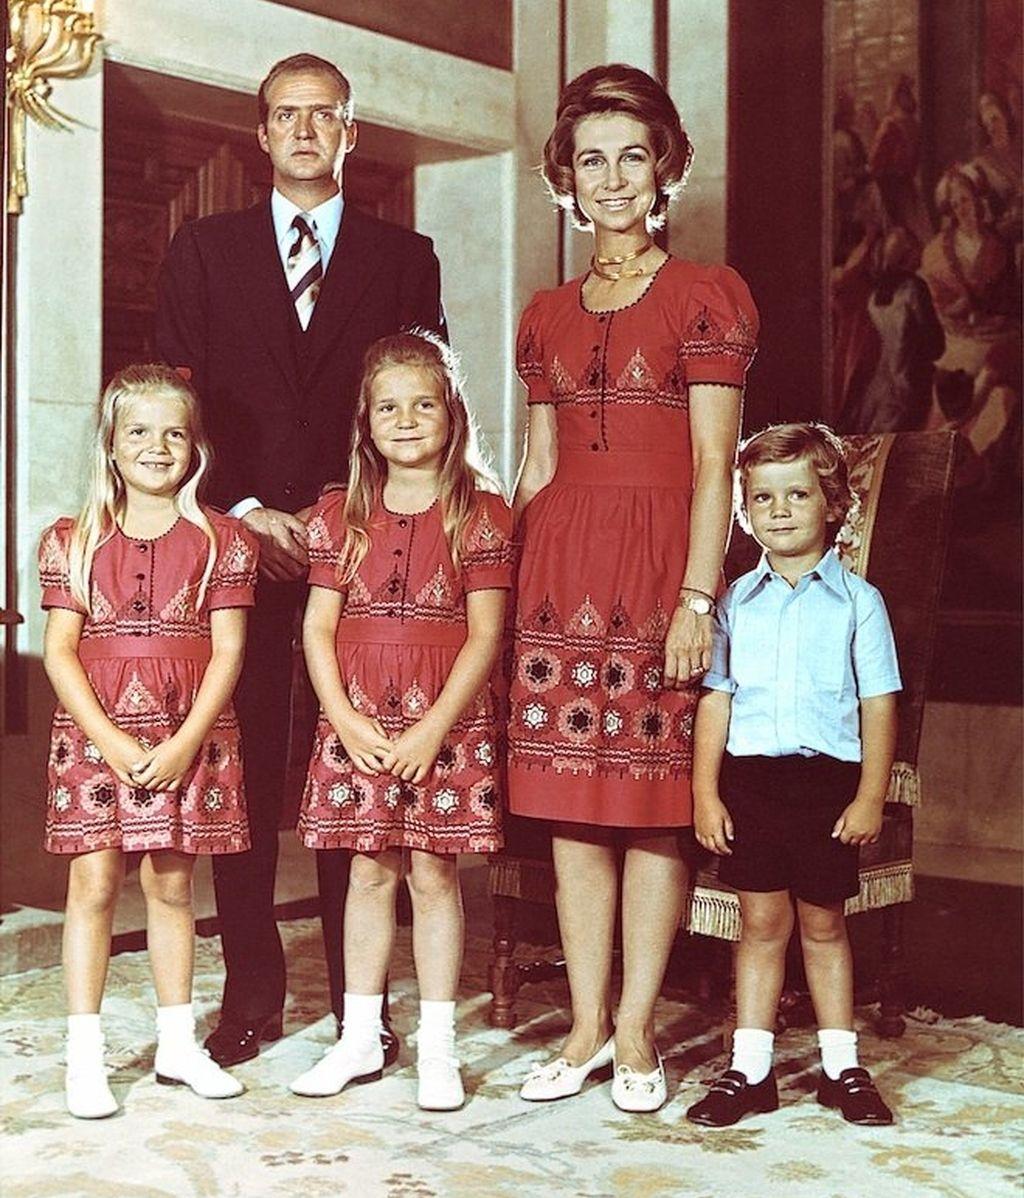 Los guiños futboleros de la Reina y familia